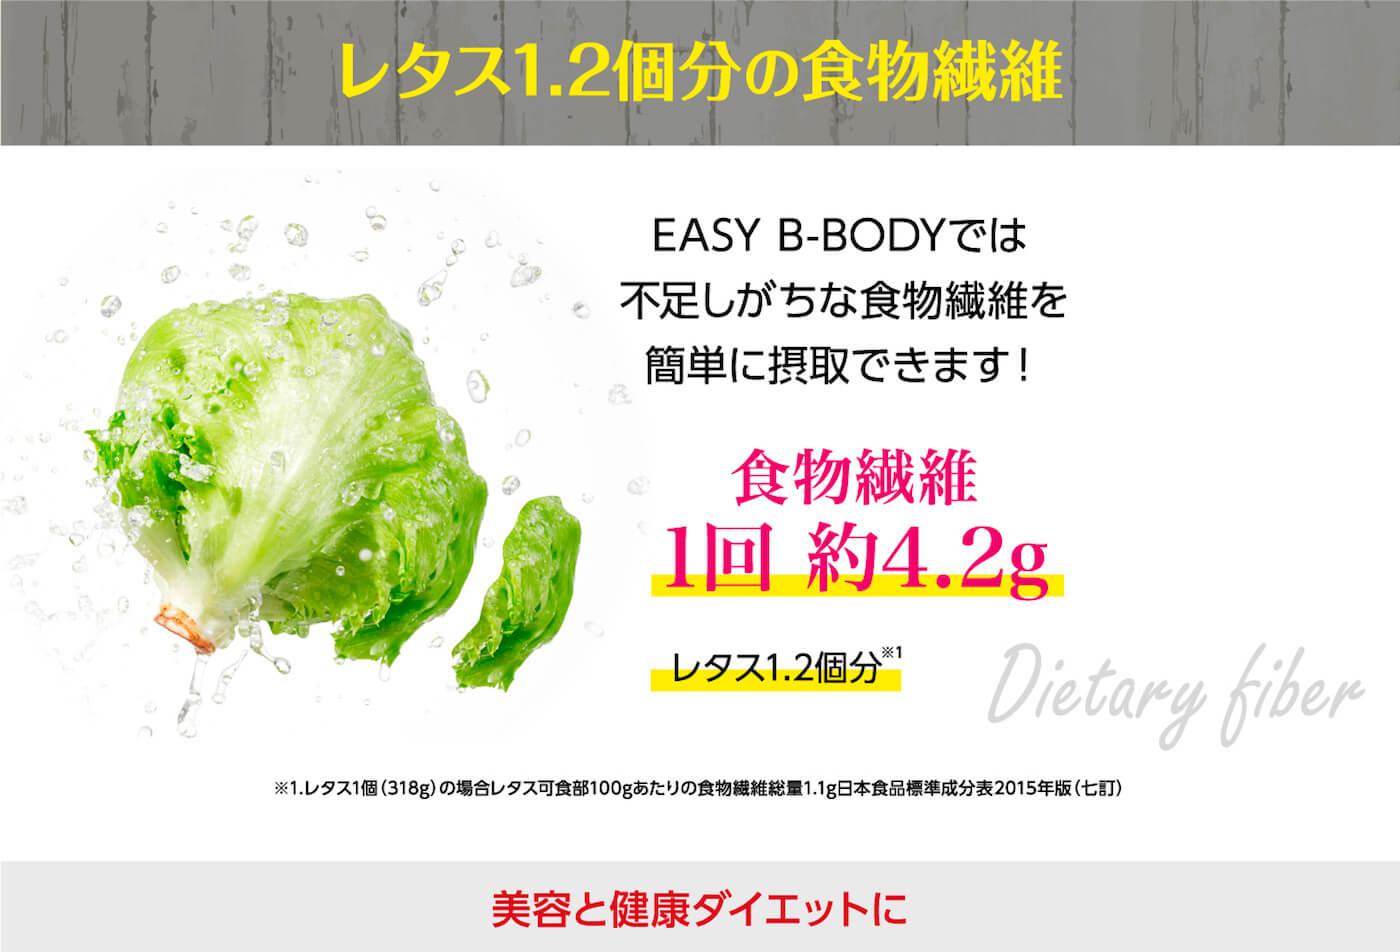 レタス1.2個分の食物繊維